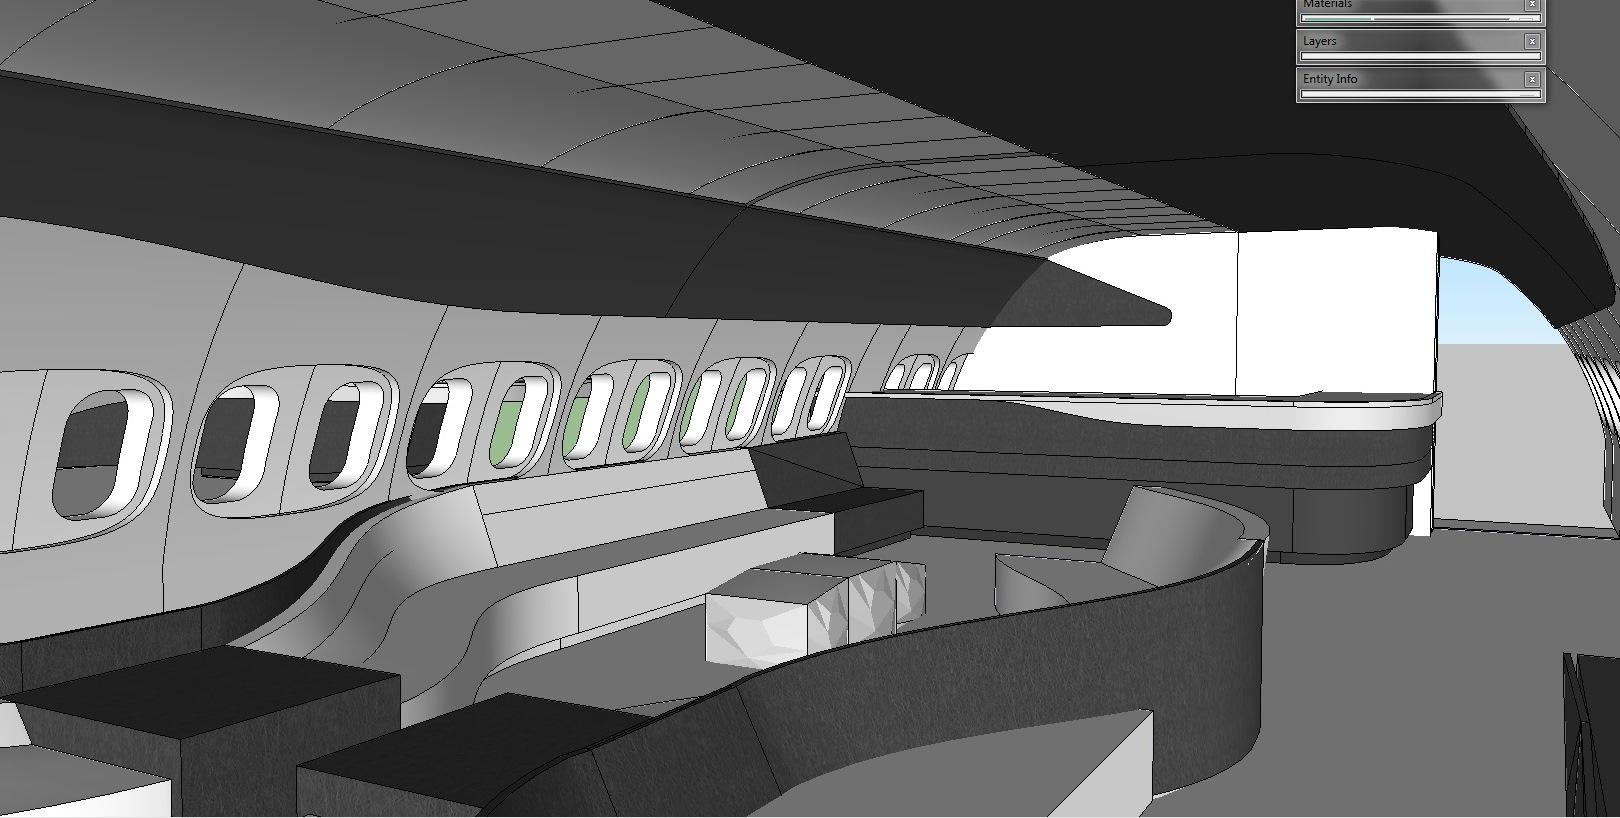 Aircraft Interior Materials